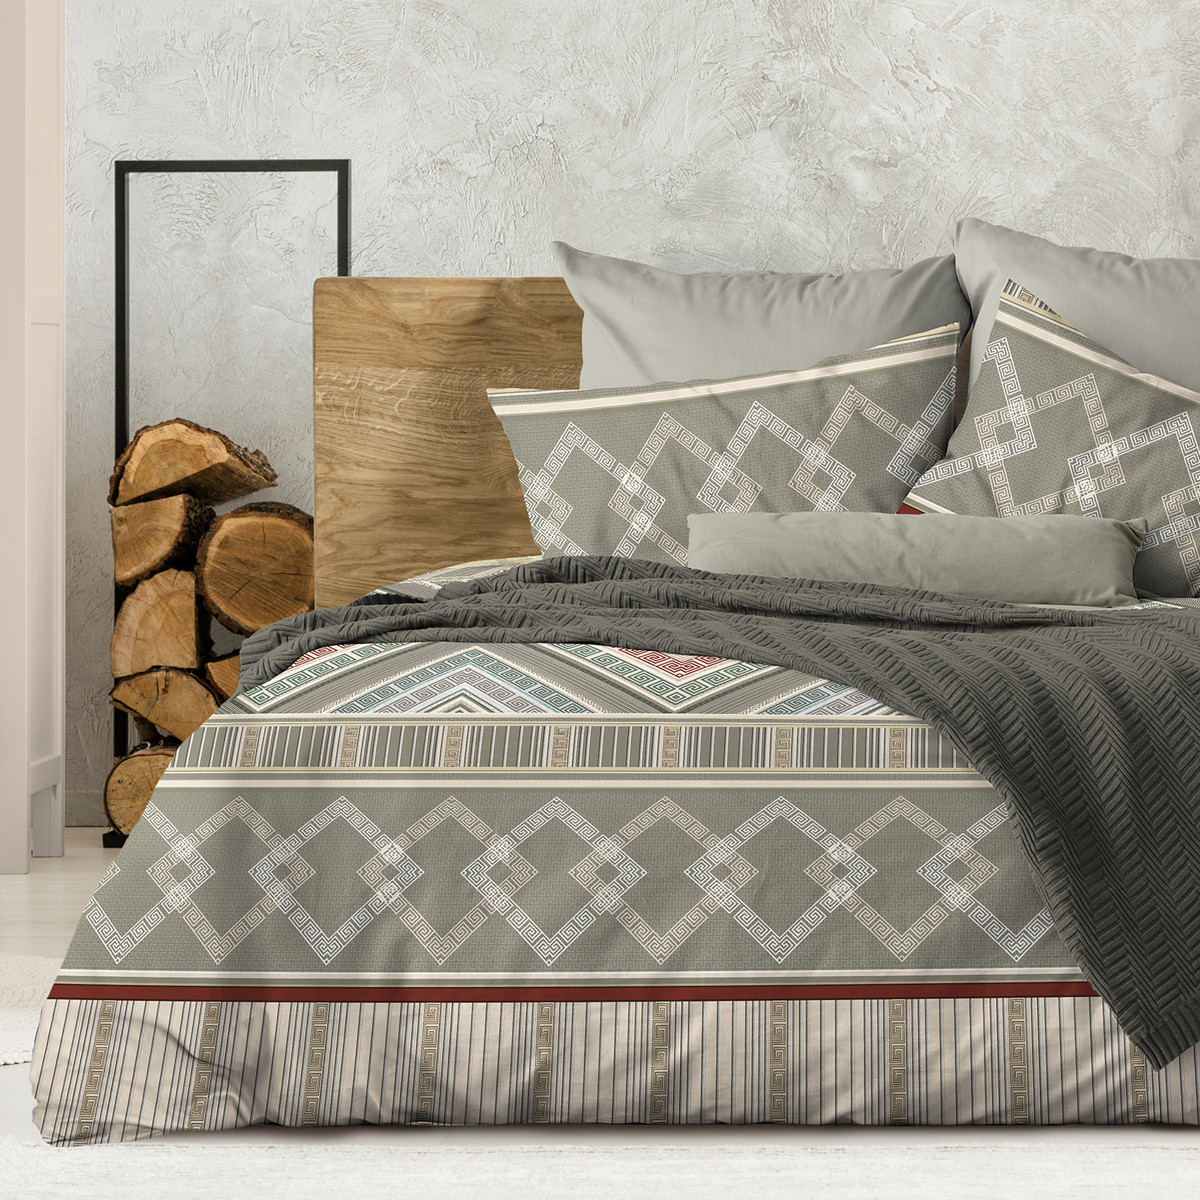 Wenge Комплект постельного белья  Ankara .  WENGE, 2 спальный евро (наволочки 70х70),